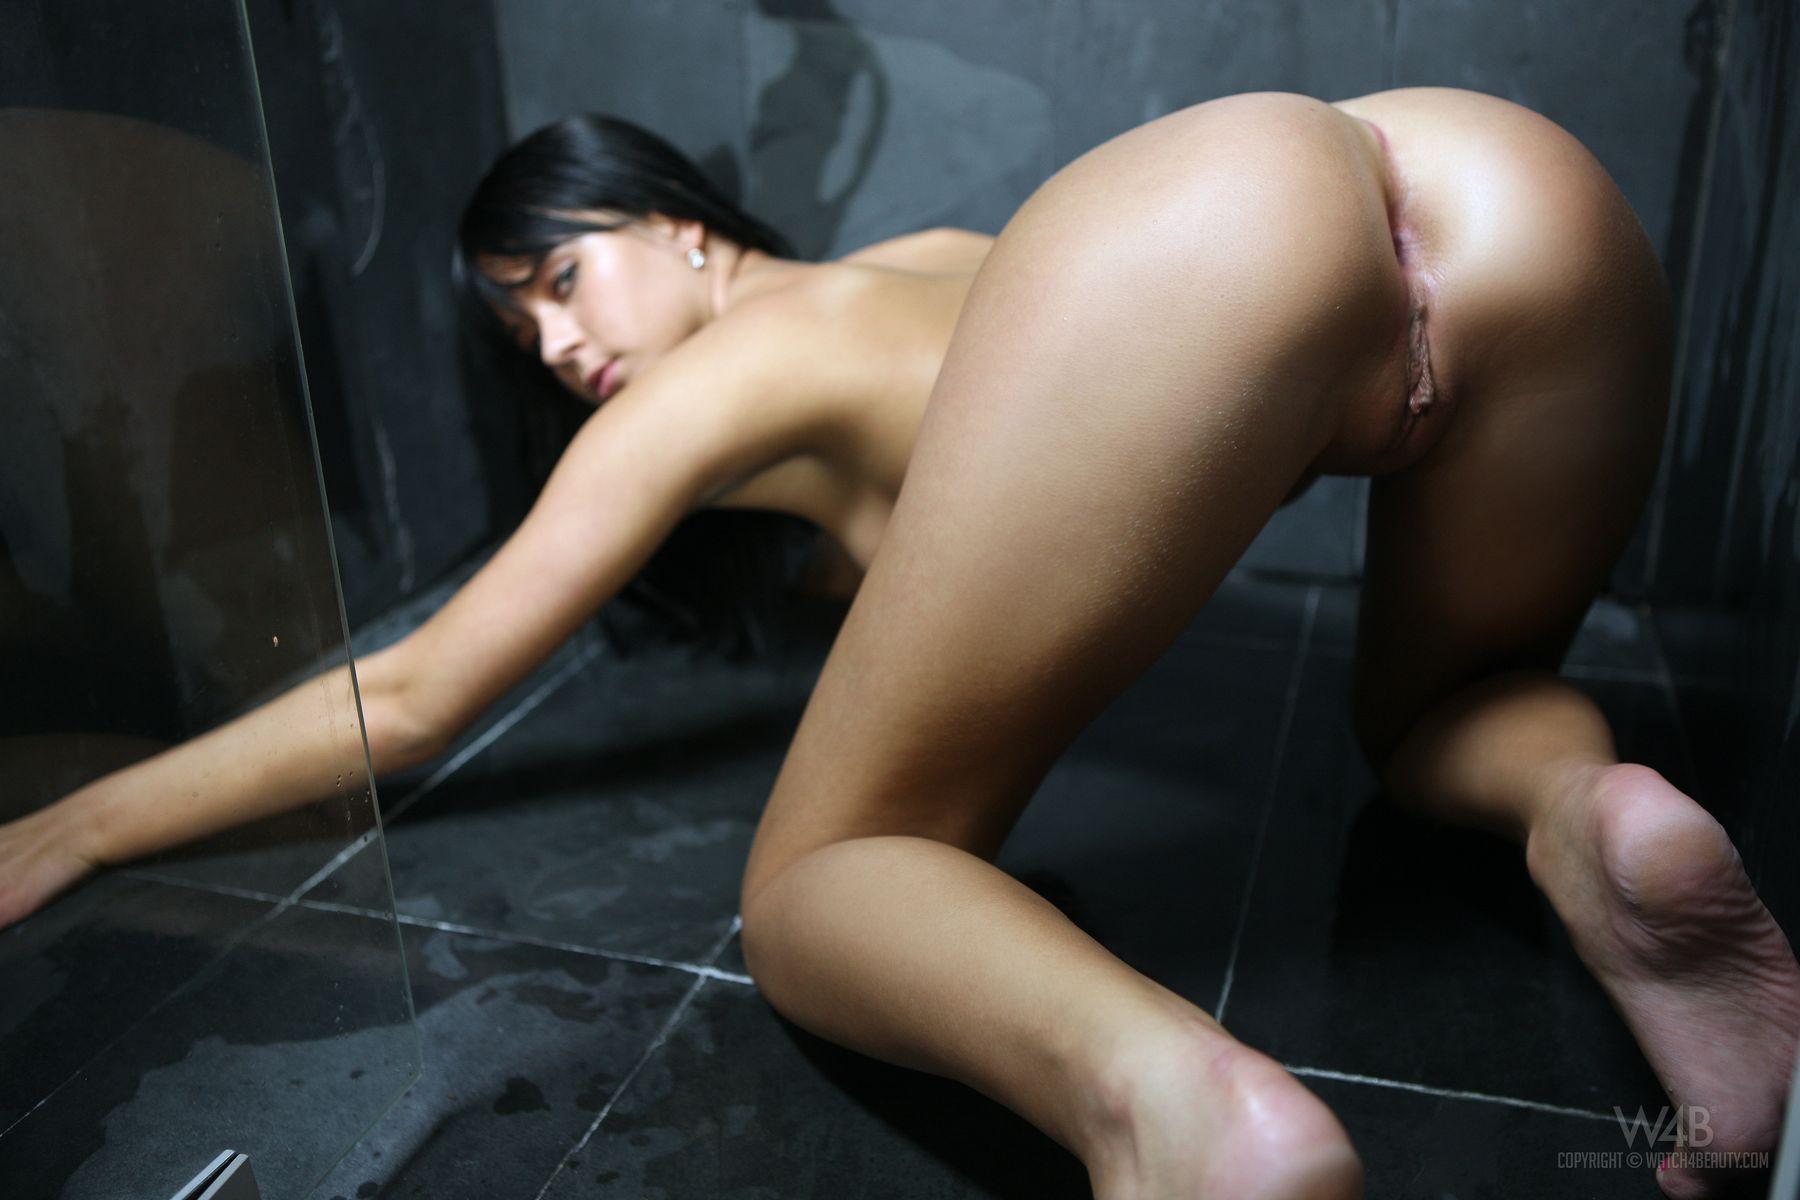 Mia Manarote muestra la vagina en la ducha